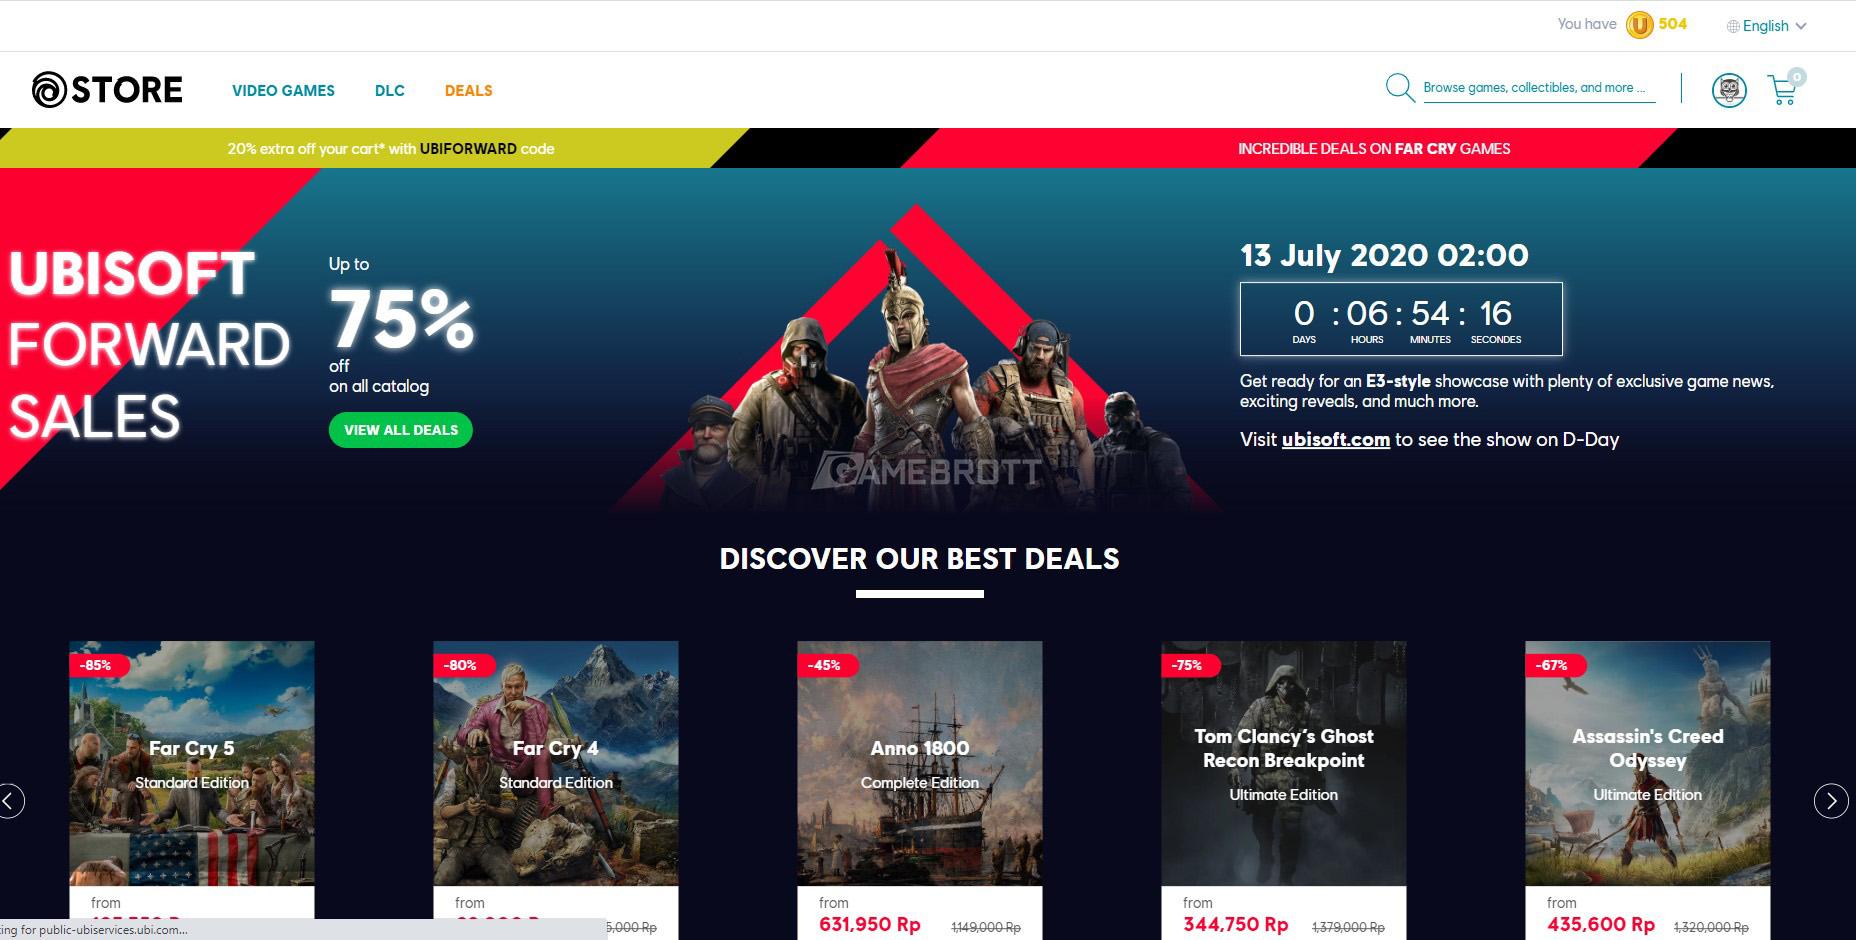 Cara Membeli Game Di Ubisoft Forward Via Kartu Debit Atm Gamebrott Line Today